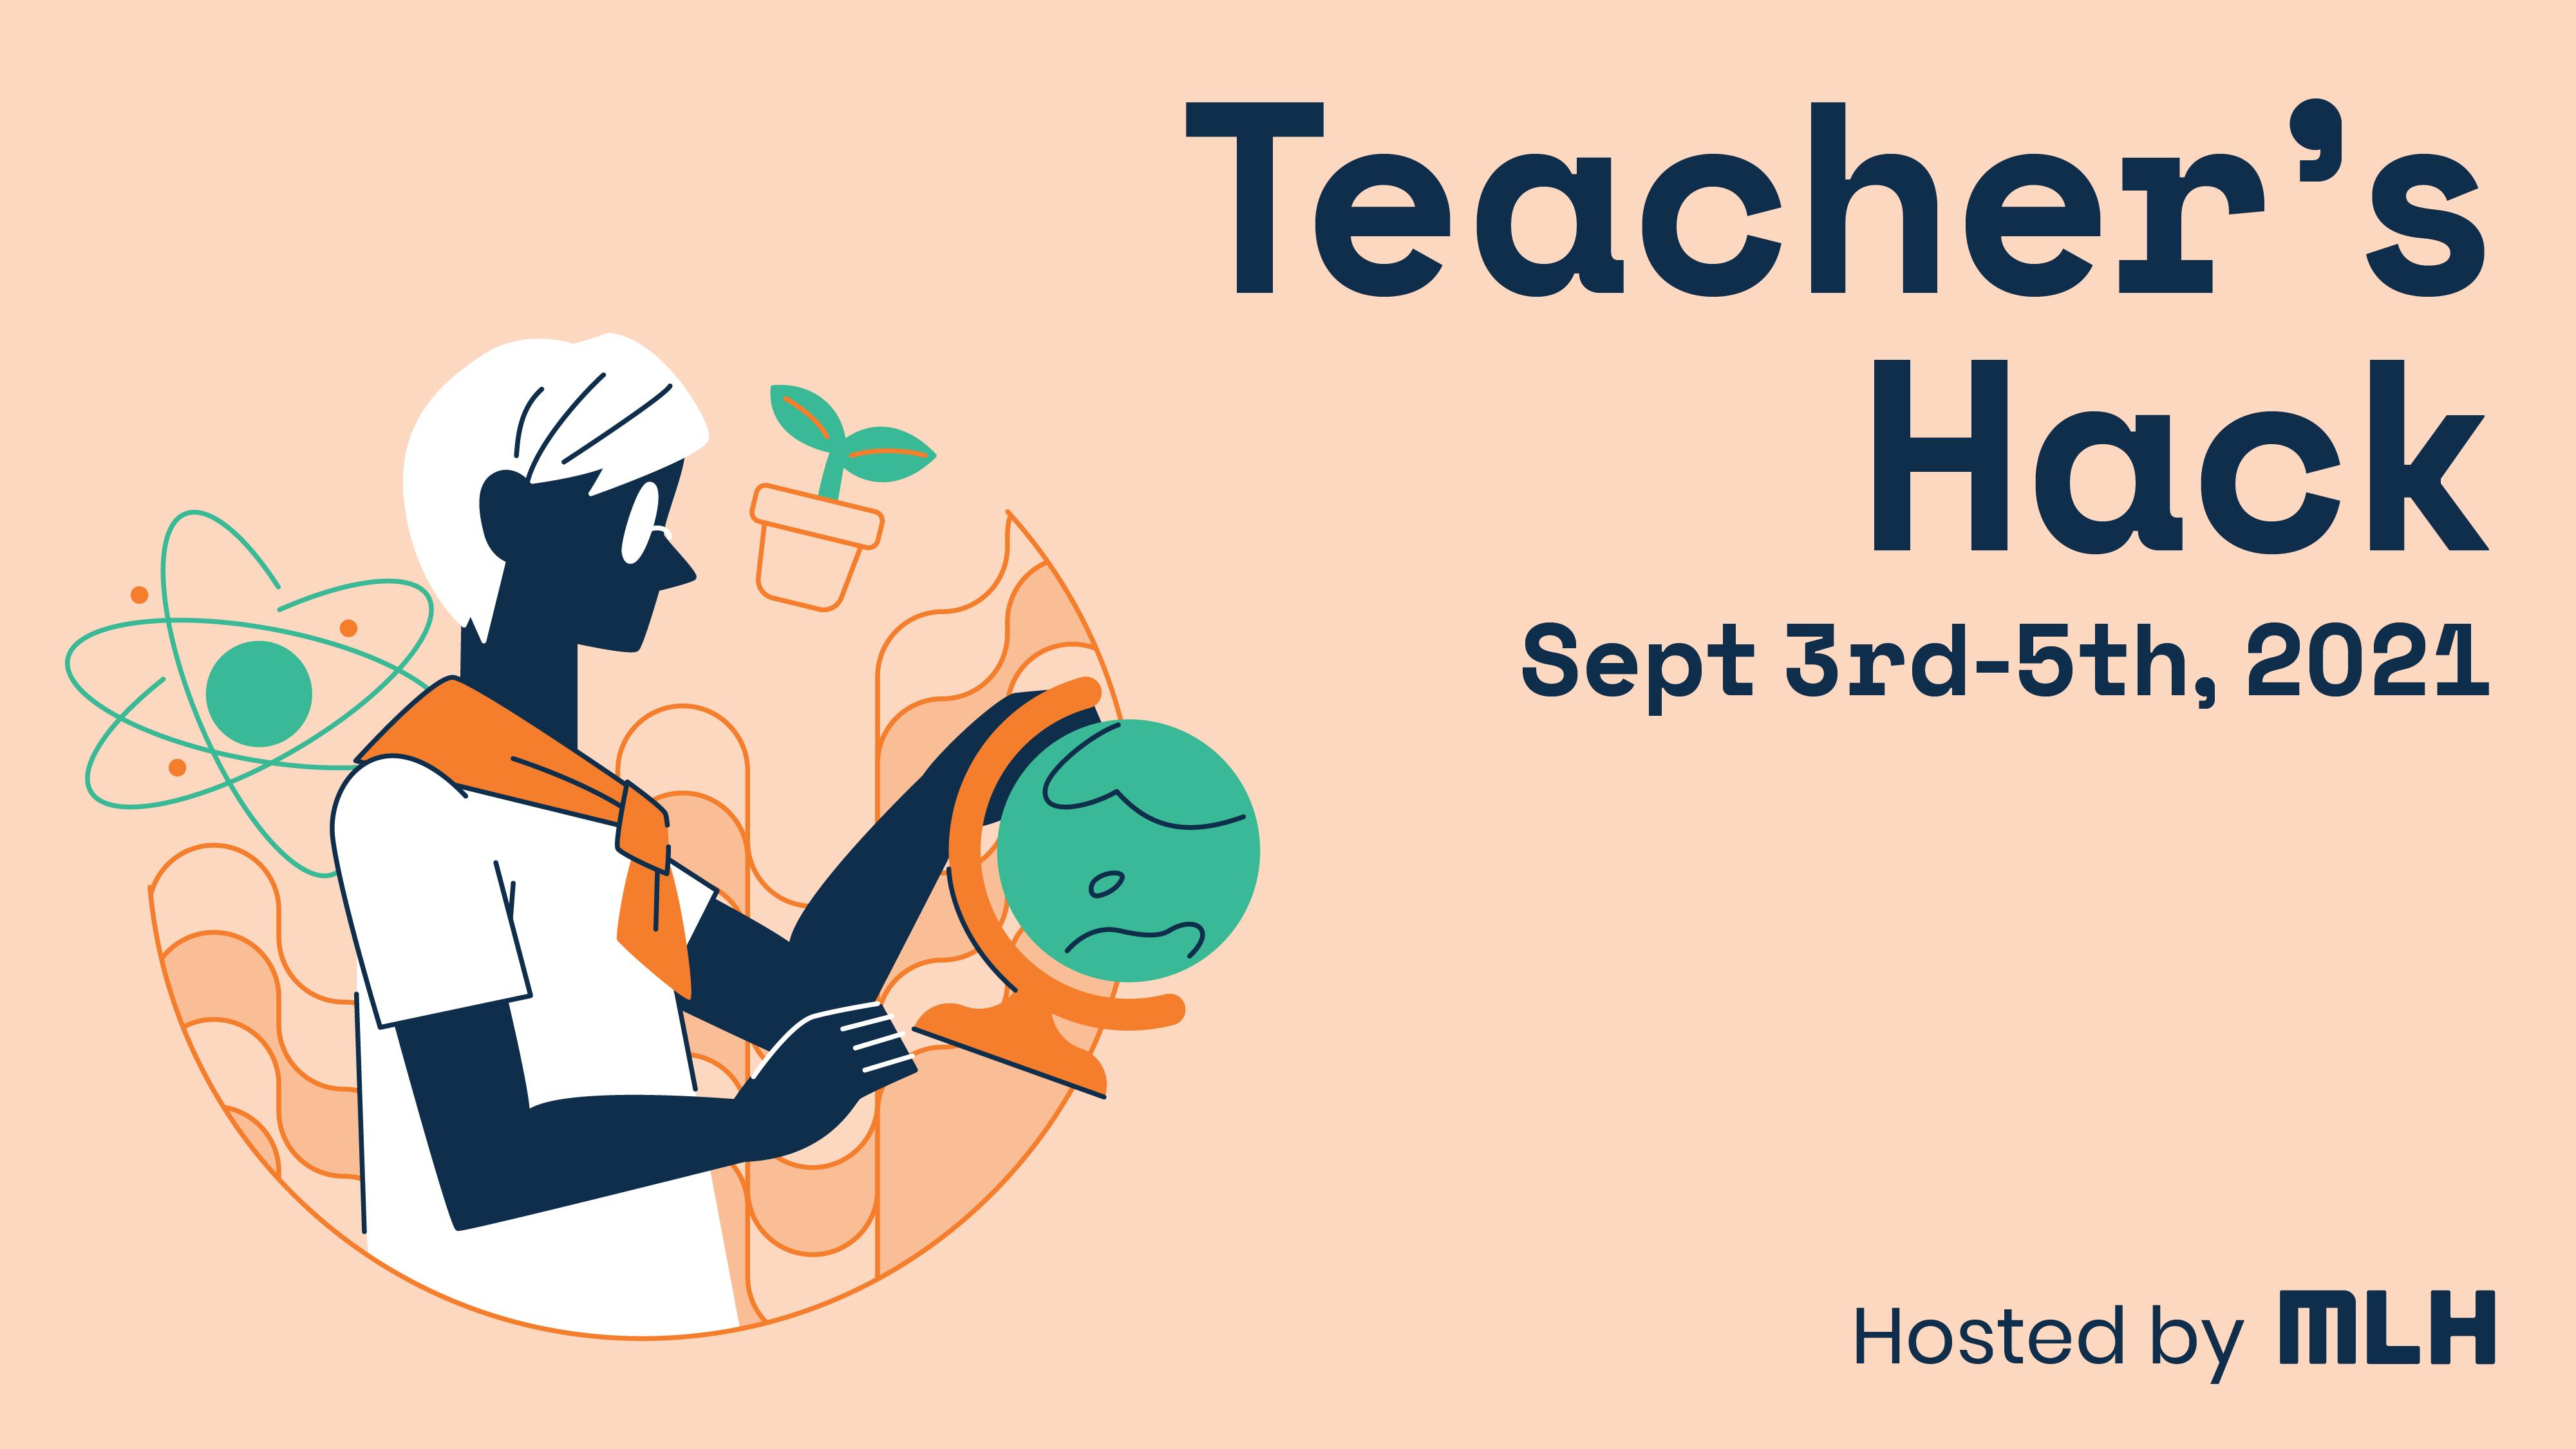 Teacher's Hack